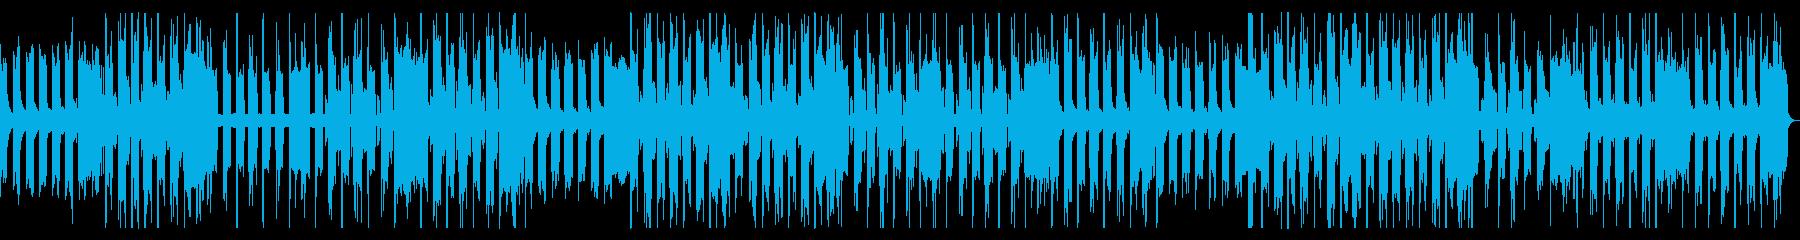 かっこいい切ないギターヒップホップR&Bの再生済みの波形